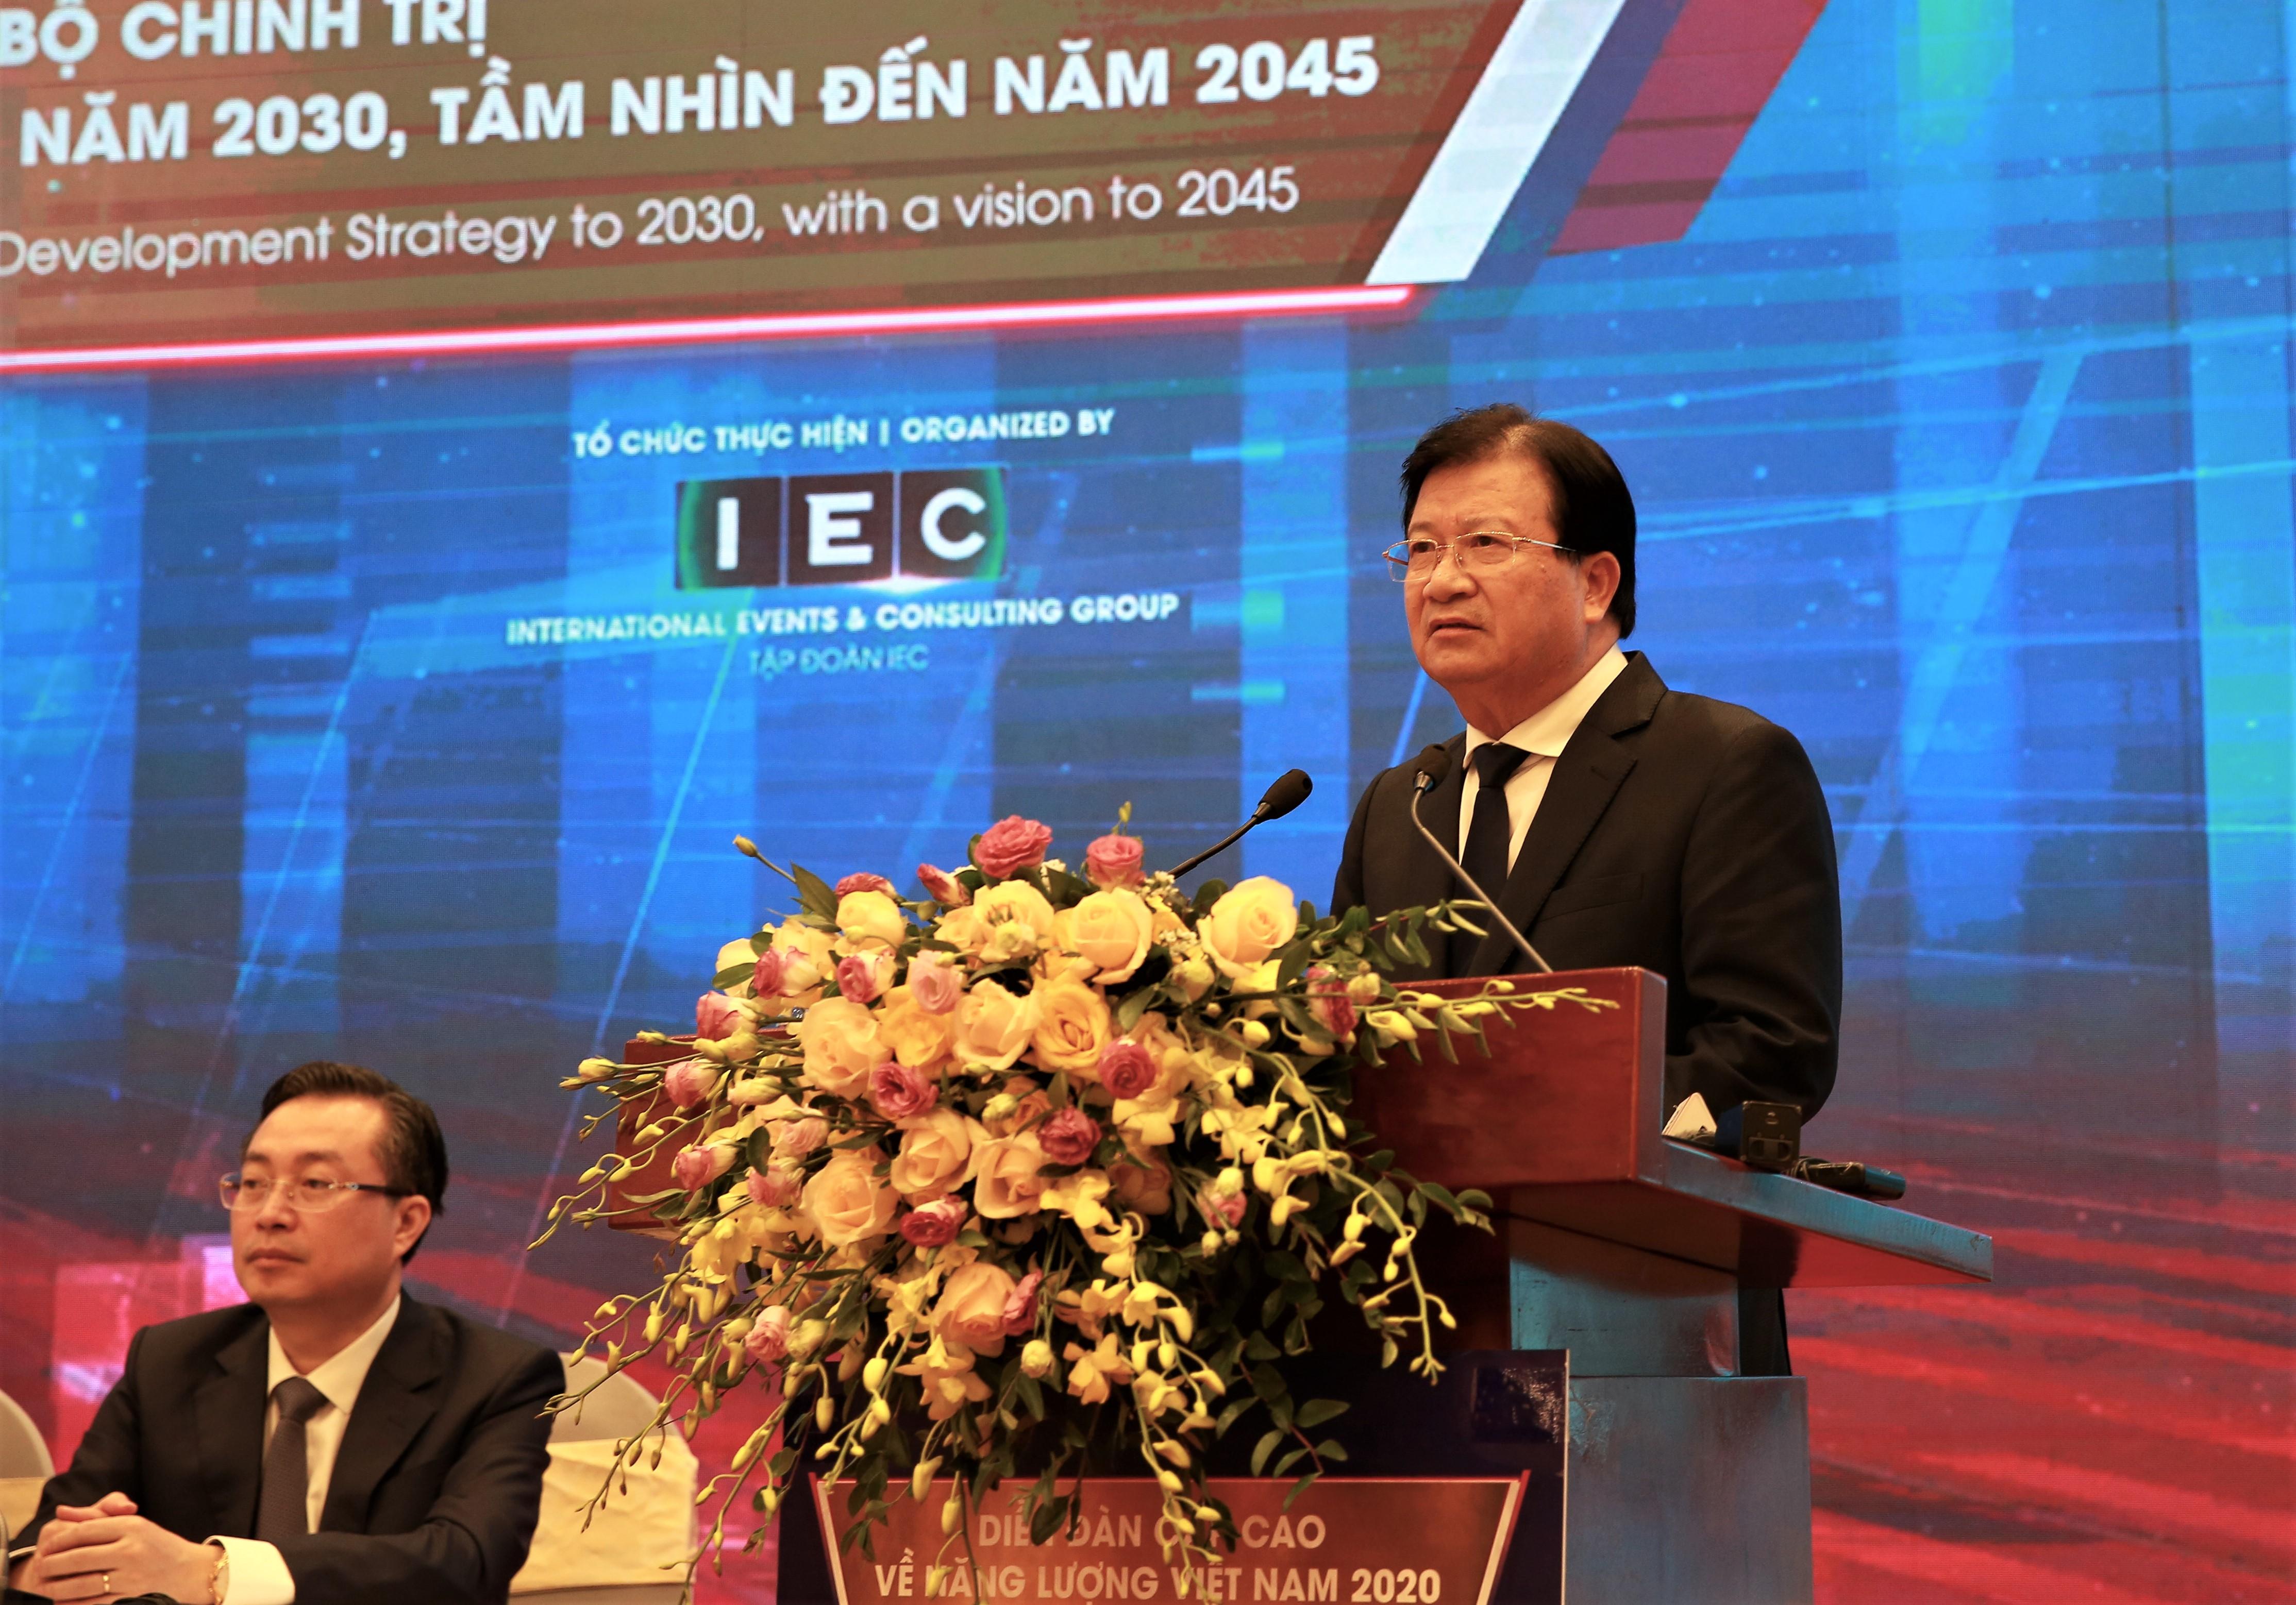 Phó Thủ tướng: Doanh nghiệp không được đầu tư điện tái tạo theo phong trào